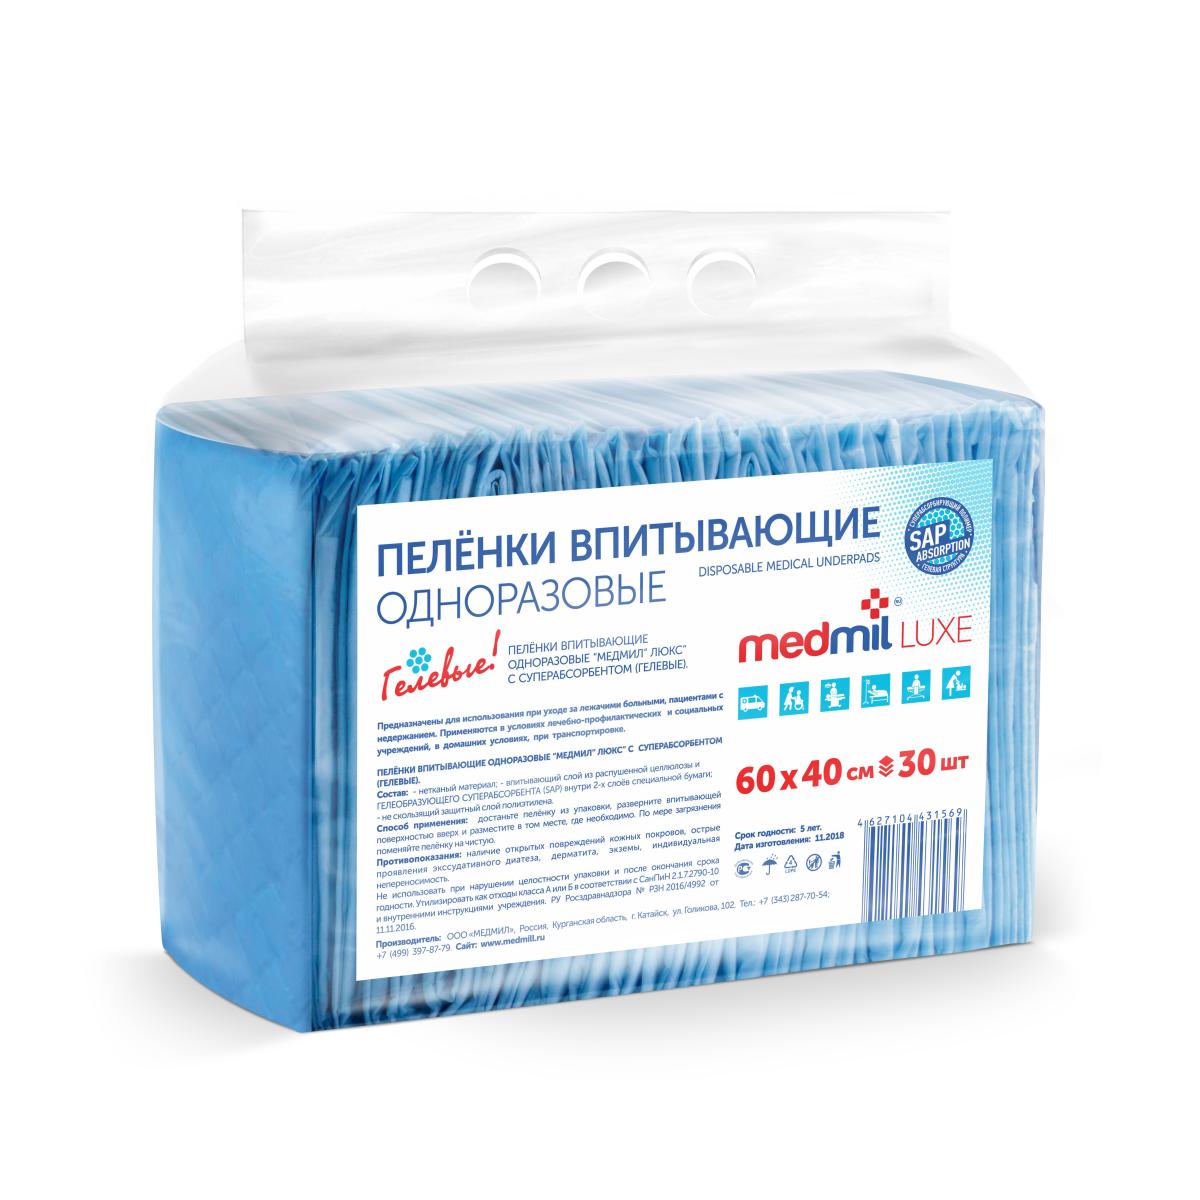 Пеленки для взрослых Medmil Luxe впитывающие гелевые